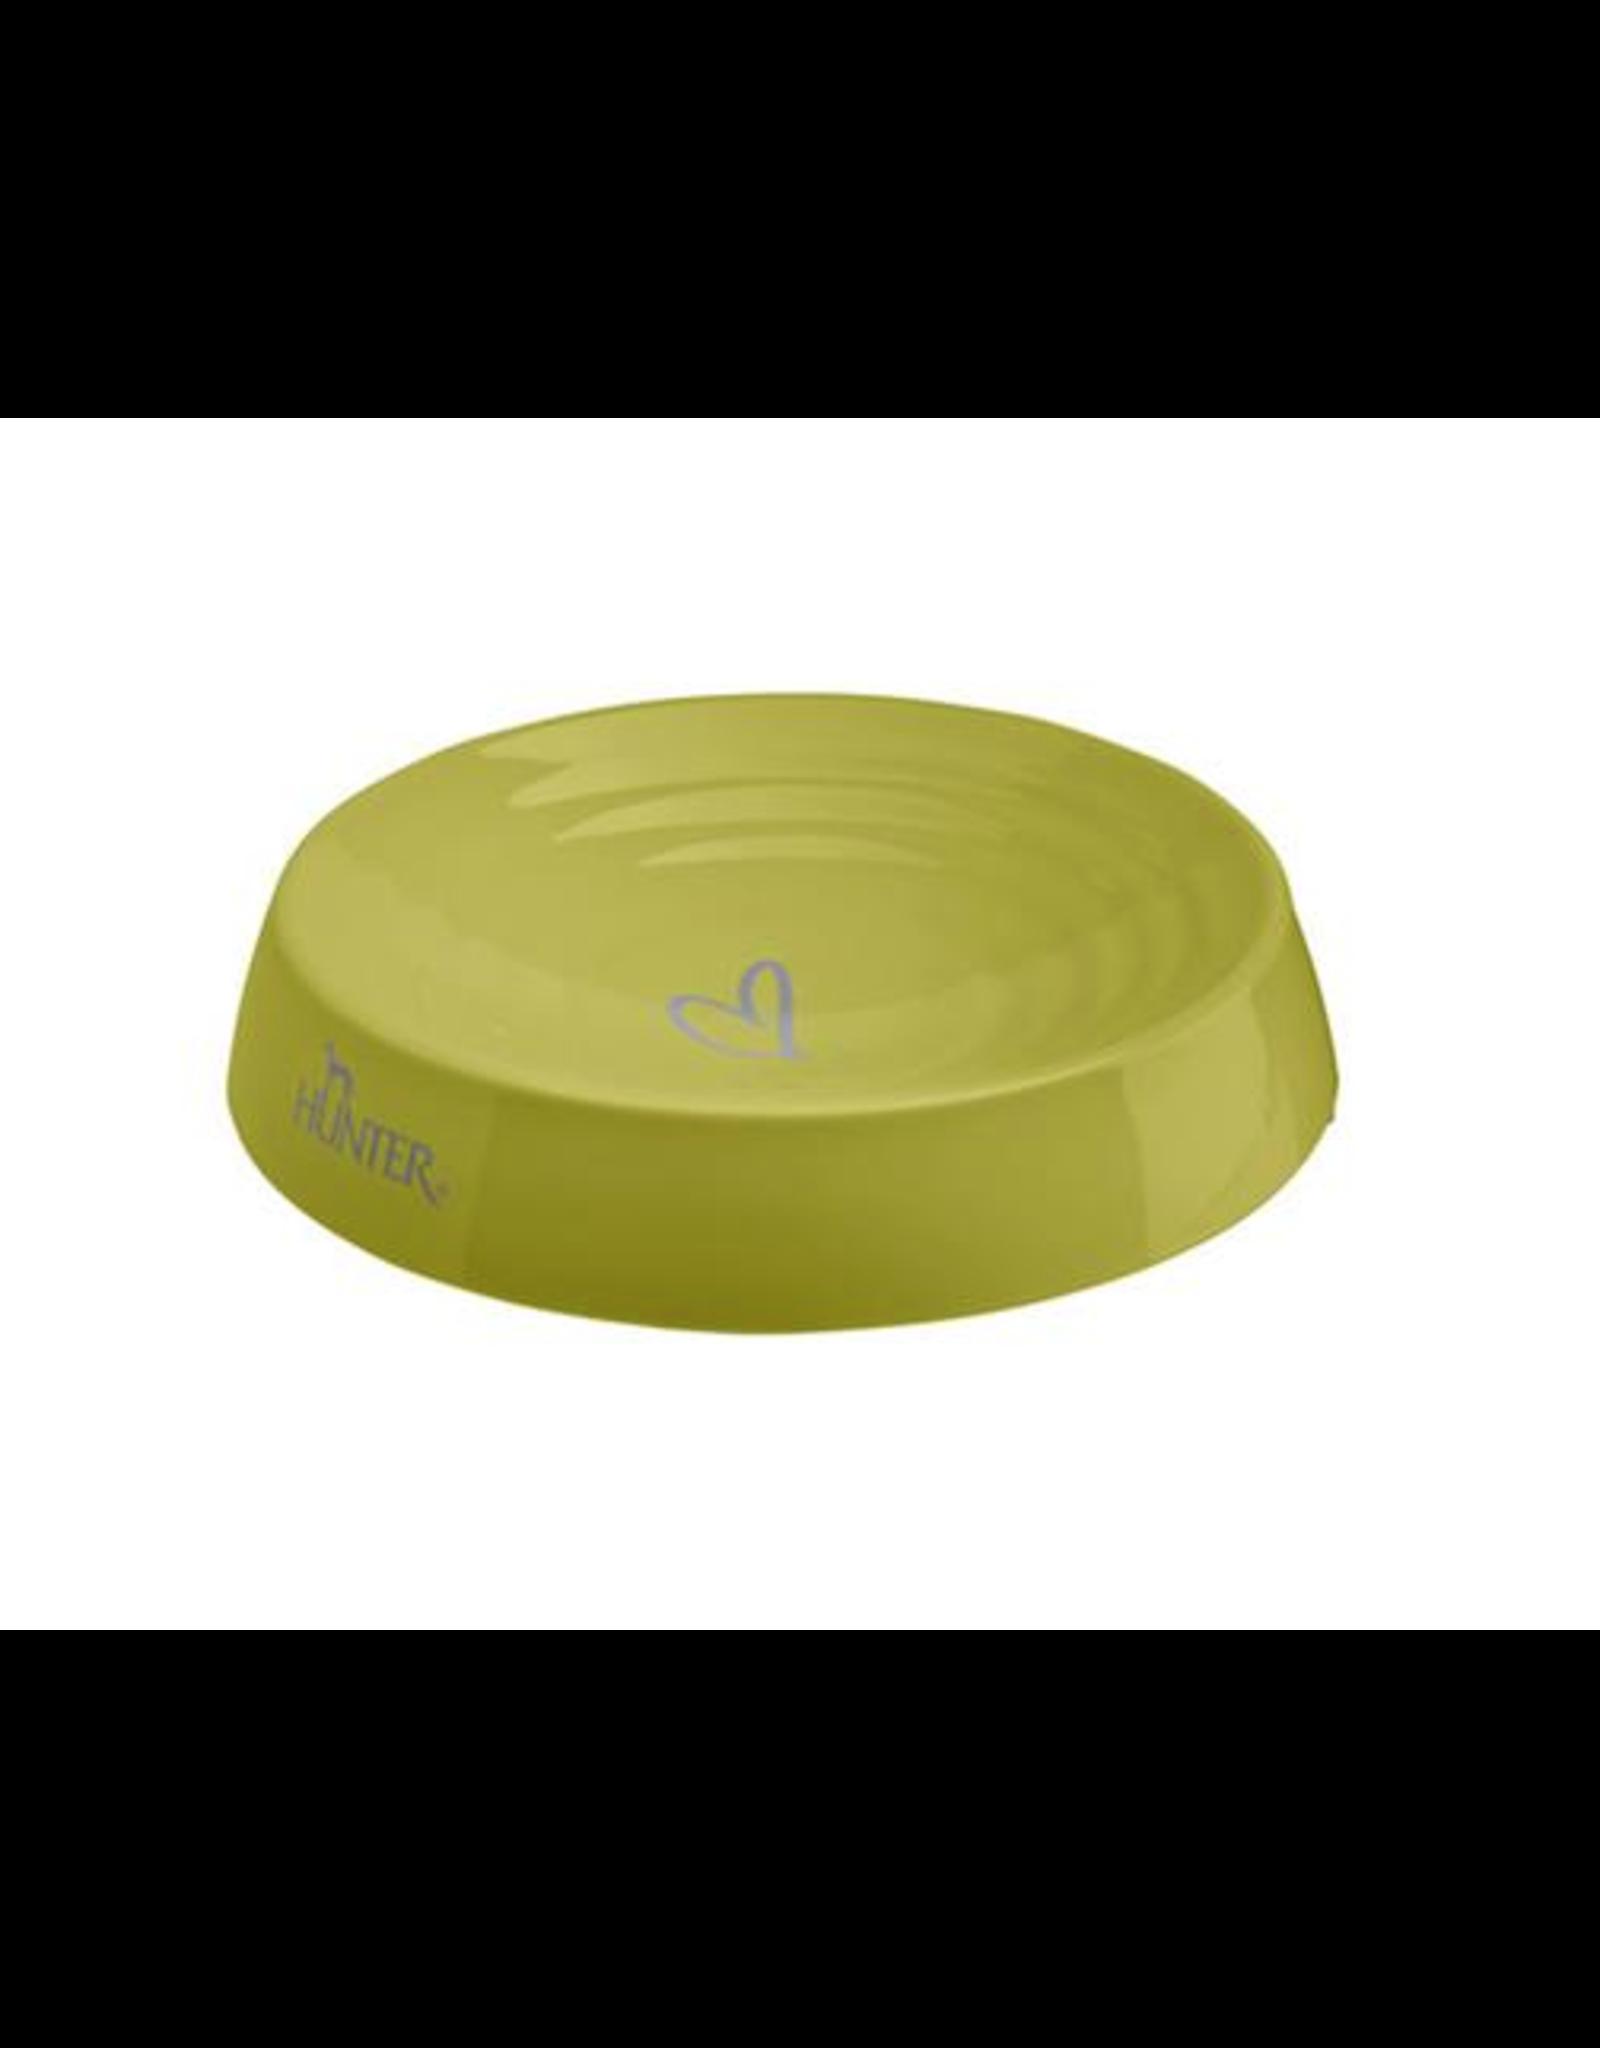 Hunter HUNTER Melamine Feeding Bowl